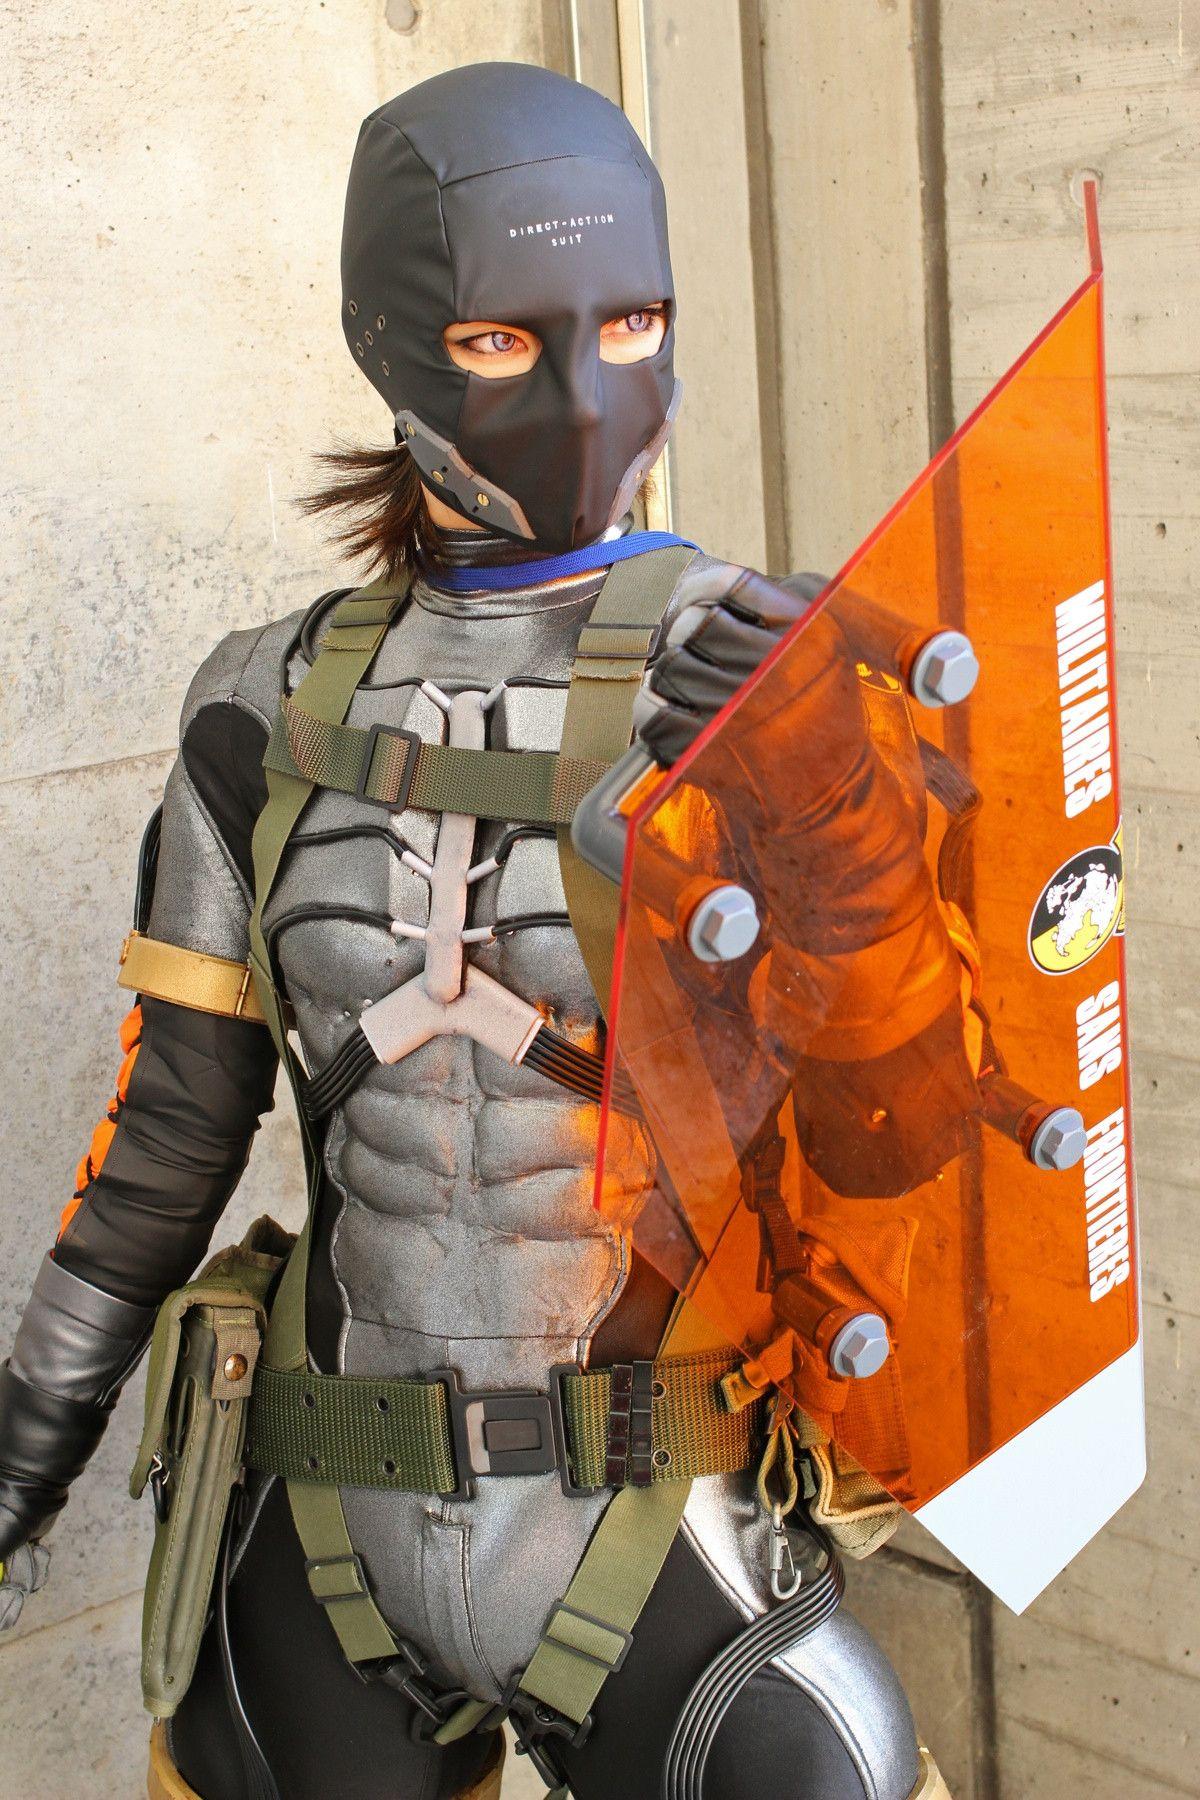 Msf Soldier From Metal Gear Solid Cosplay Neue Wege Apokalypse